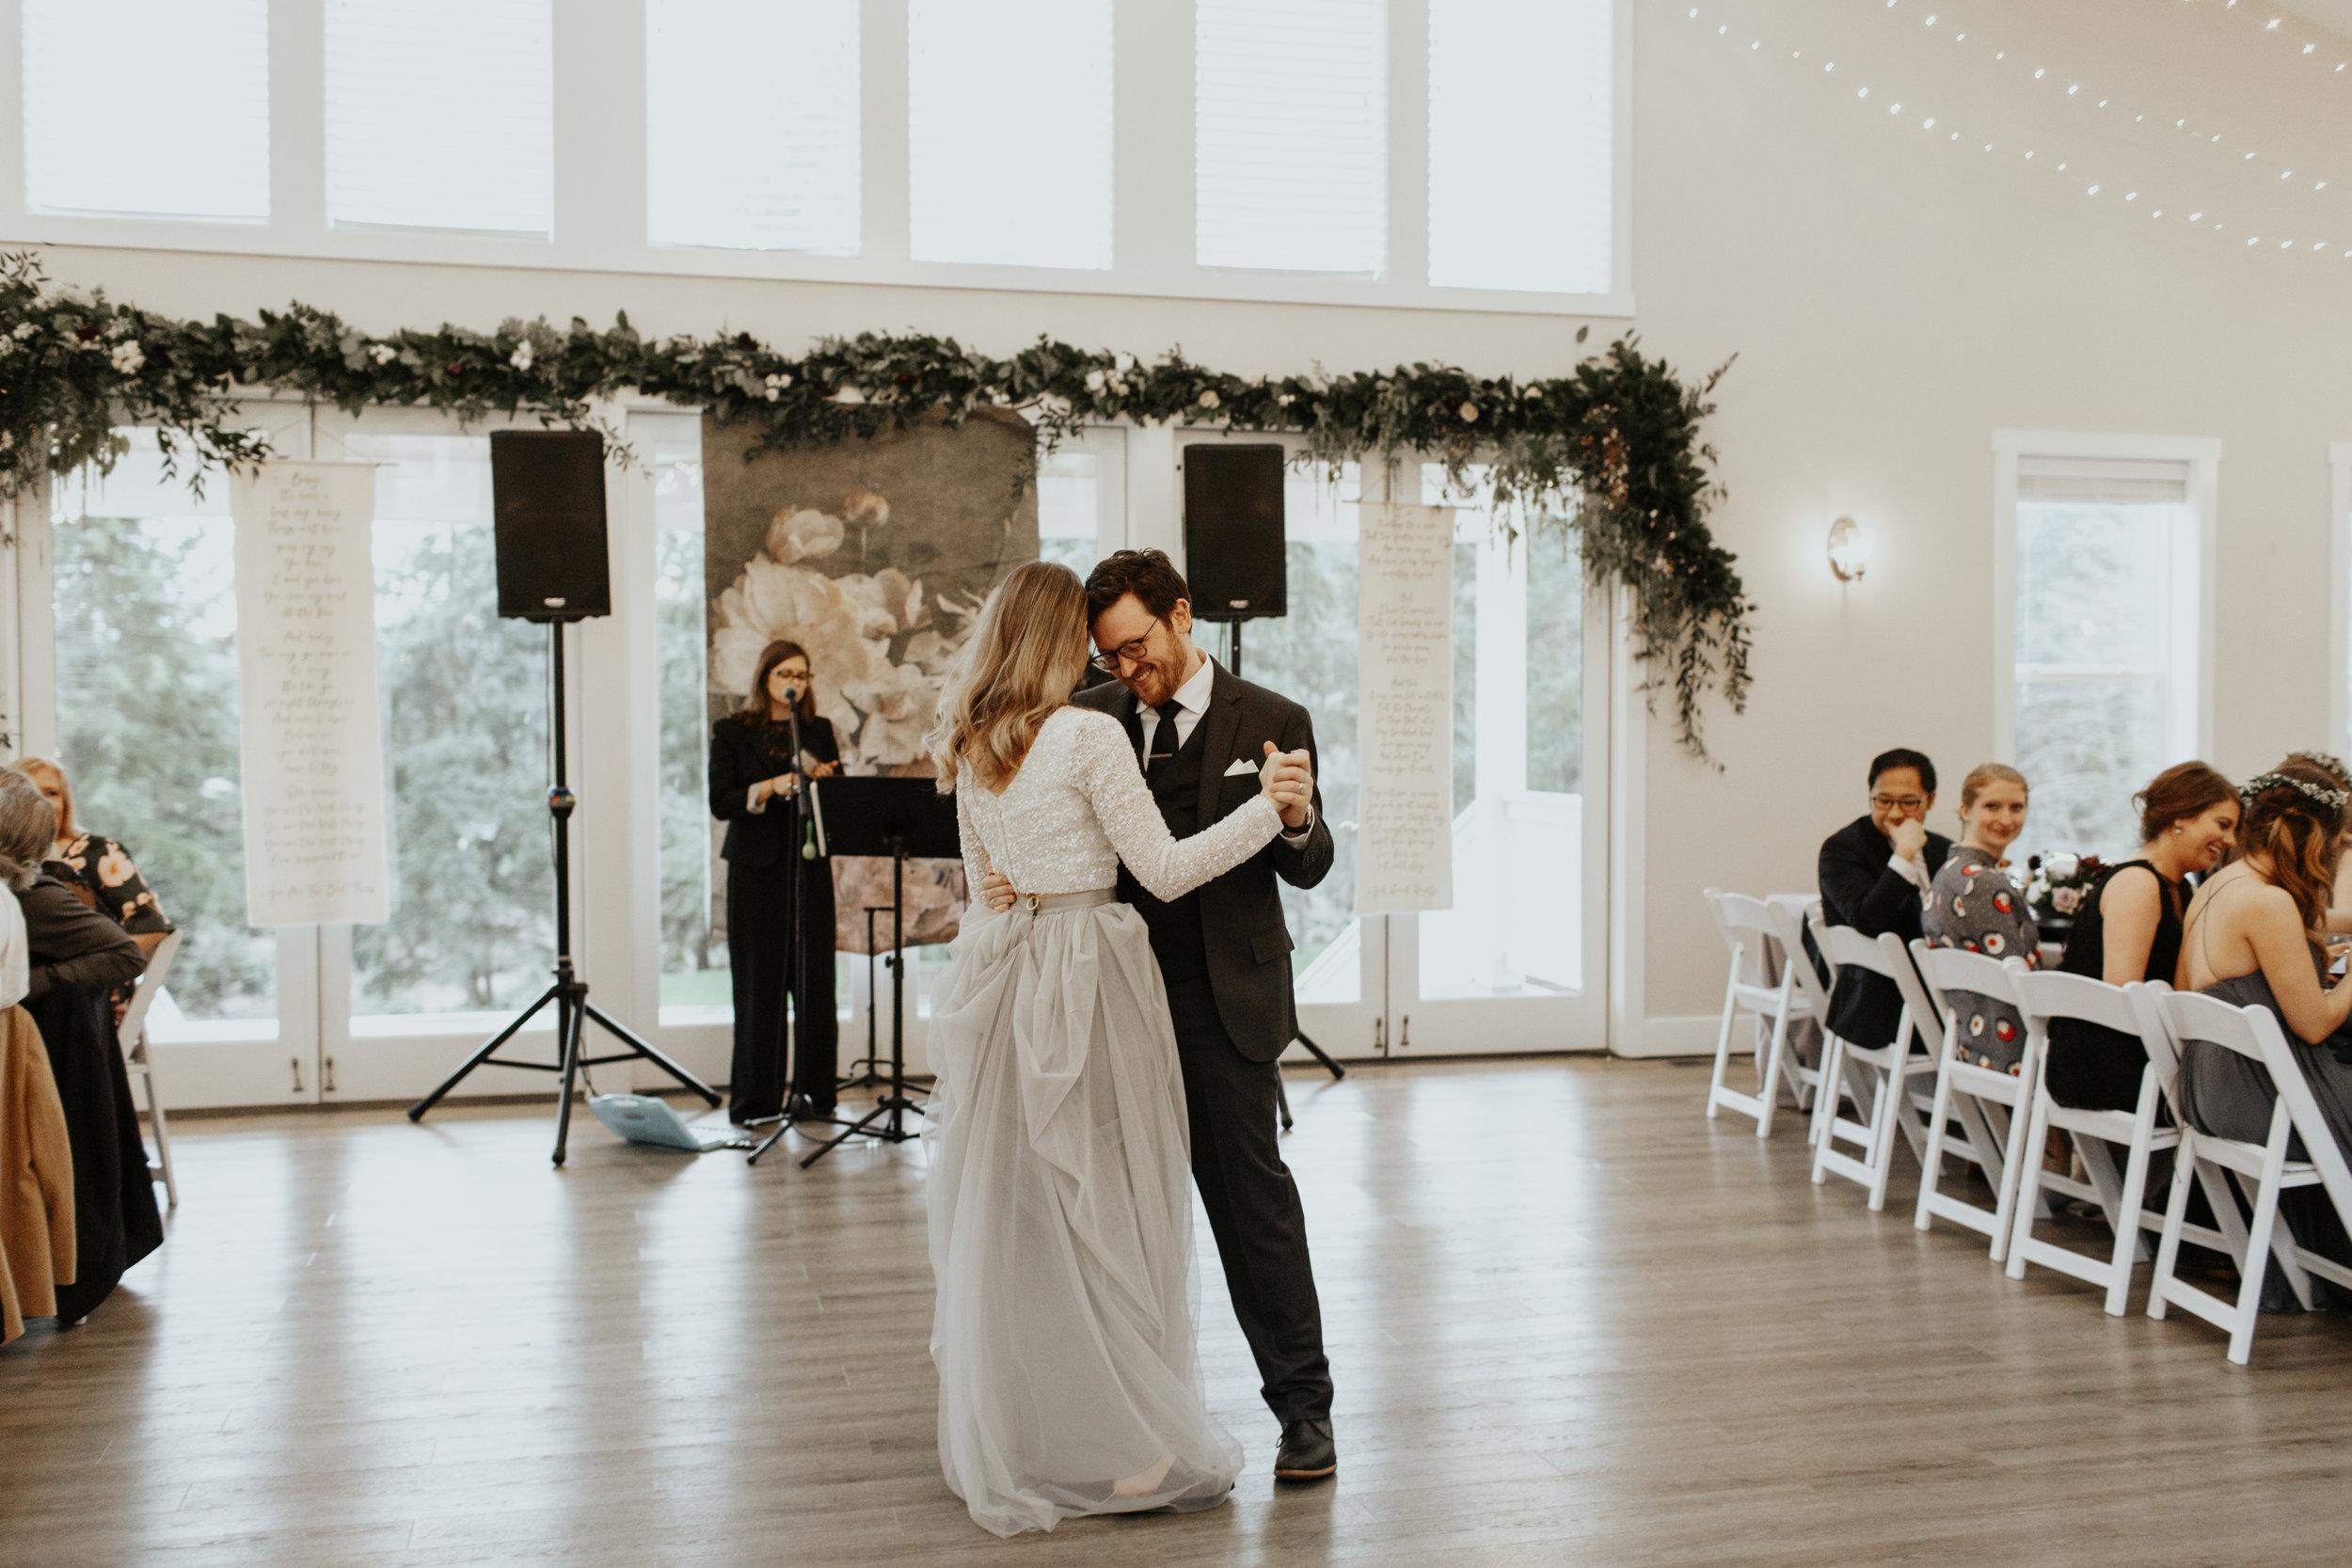 ginapaulson-courtnyandryan-wedding-900.jpg